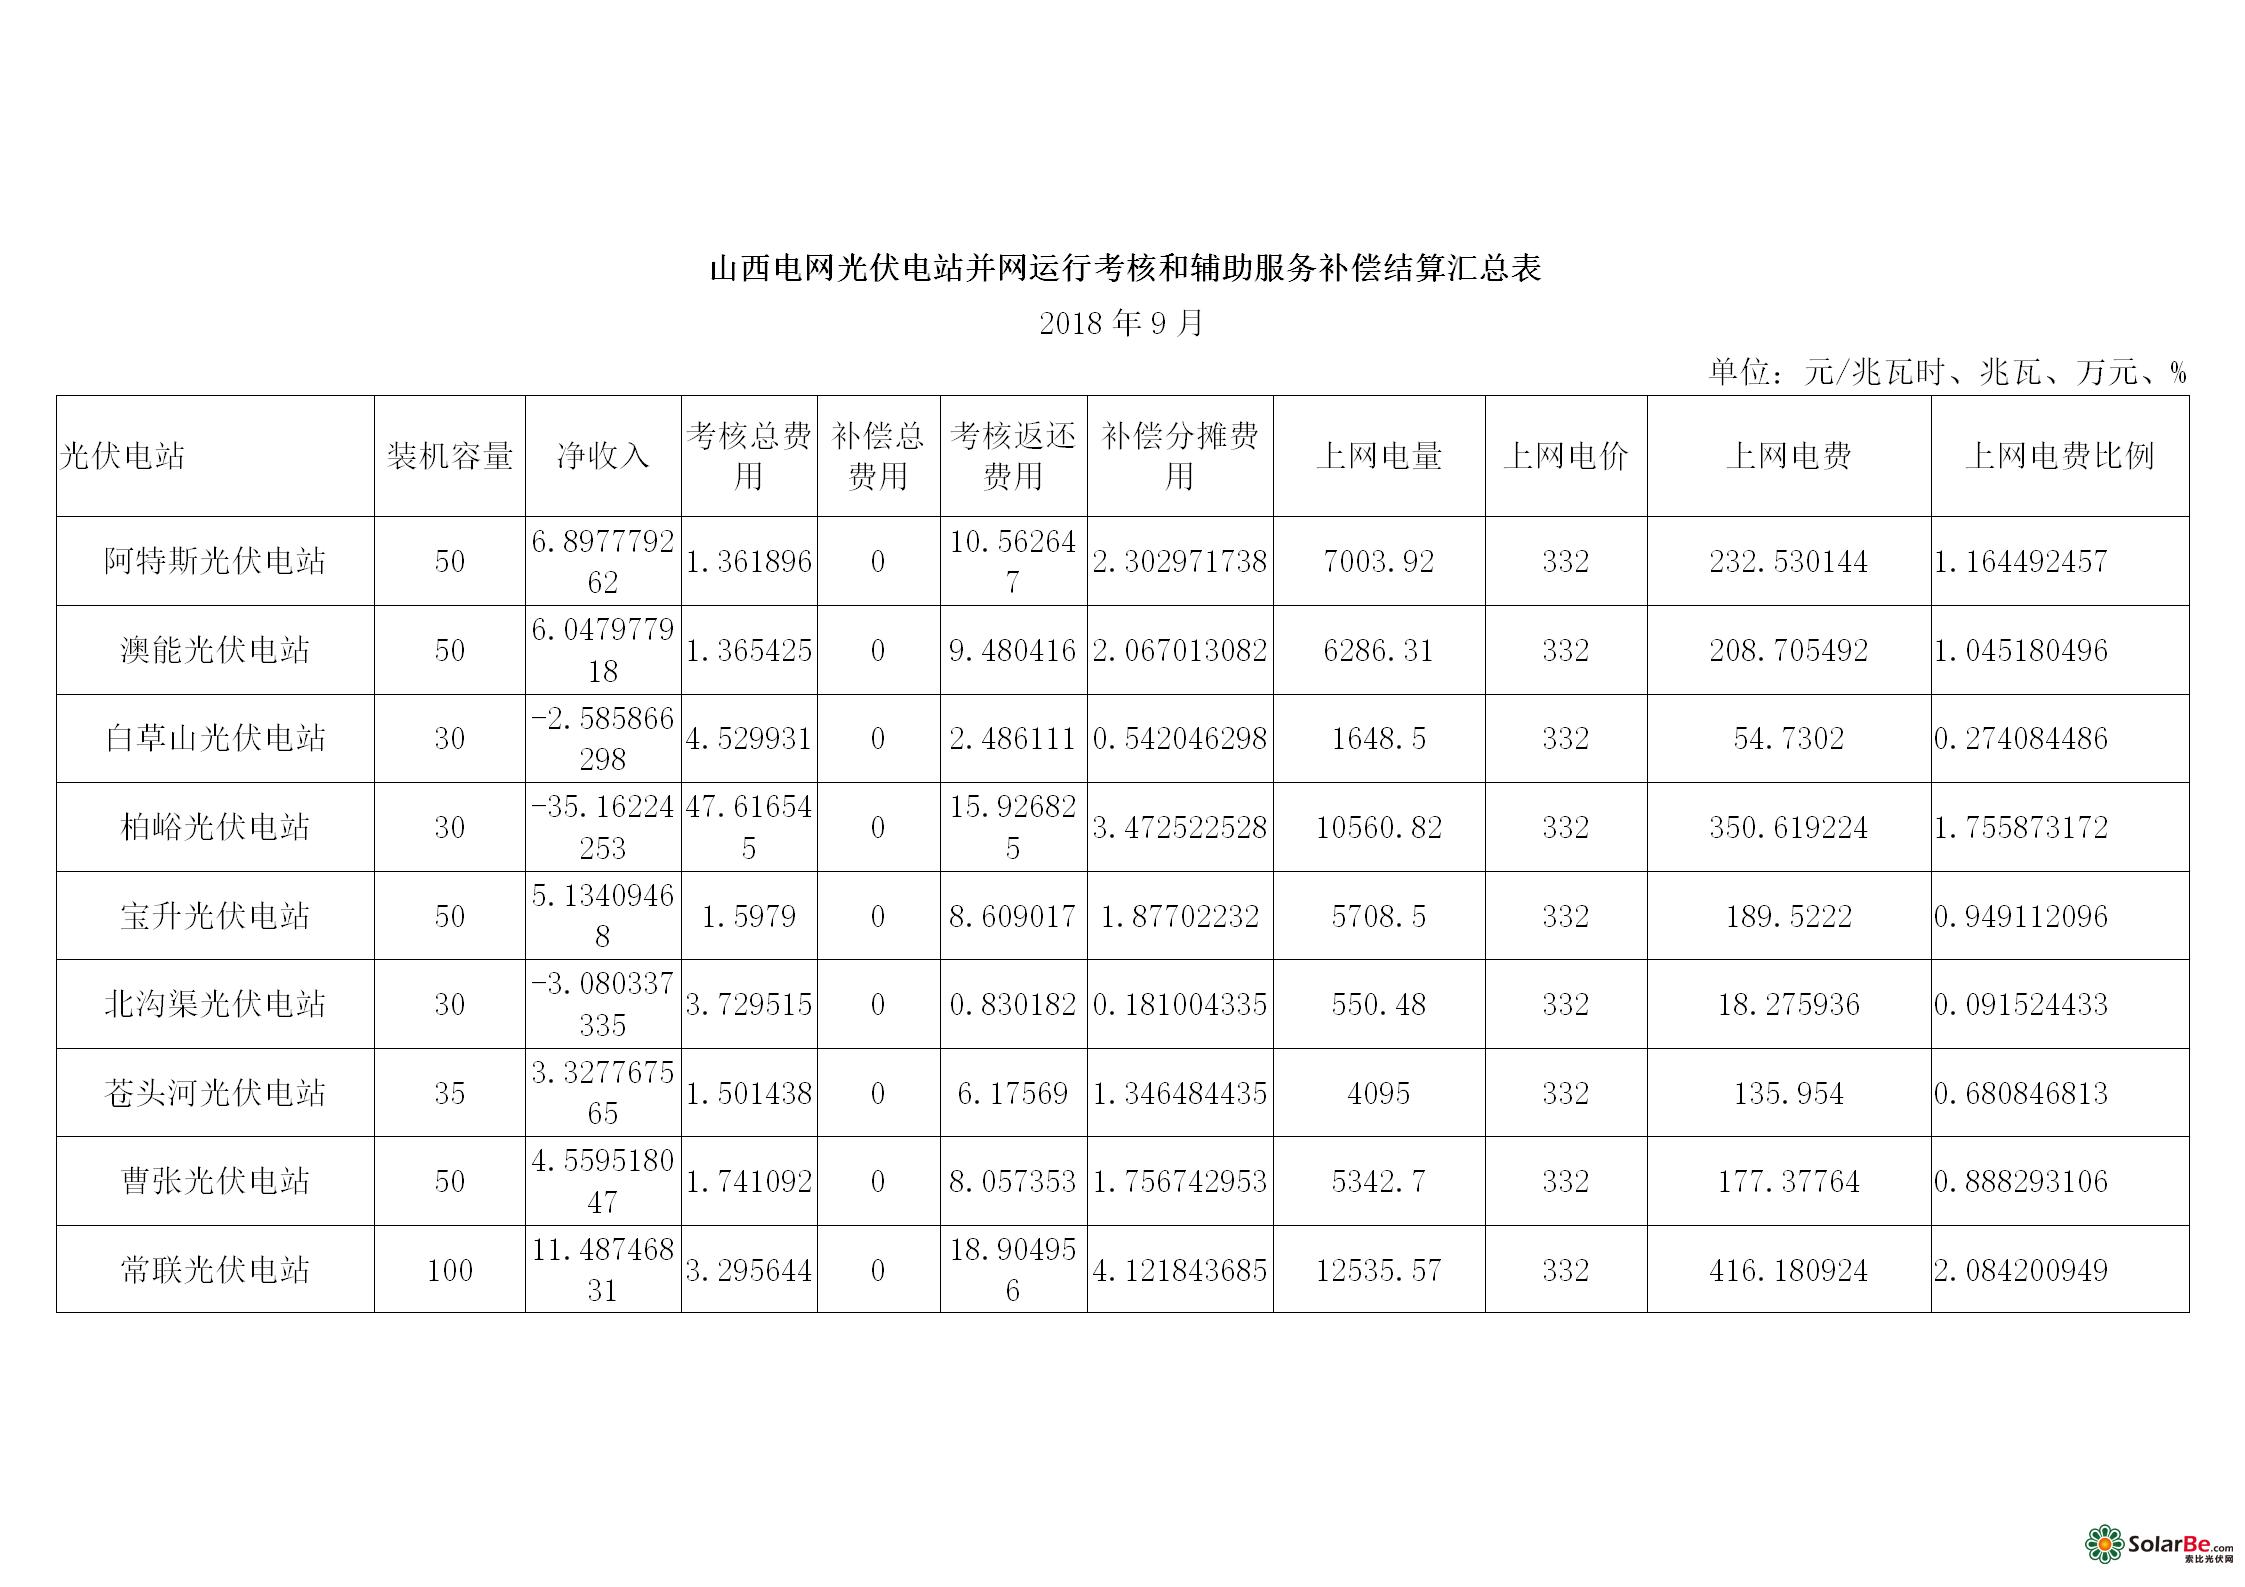 山西电网光伏电站并网运行考核和辅助服务补偿结算汇总表_01.png